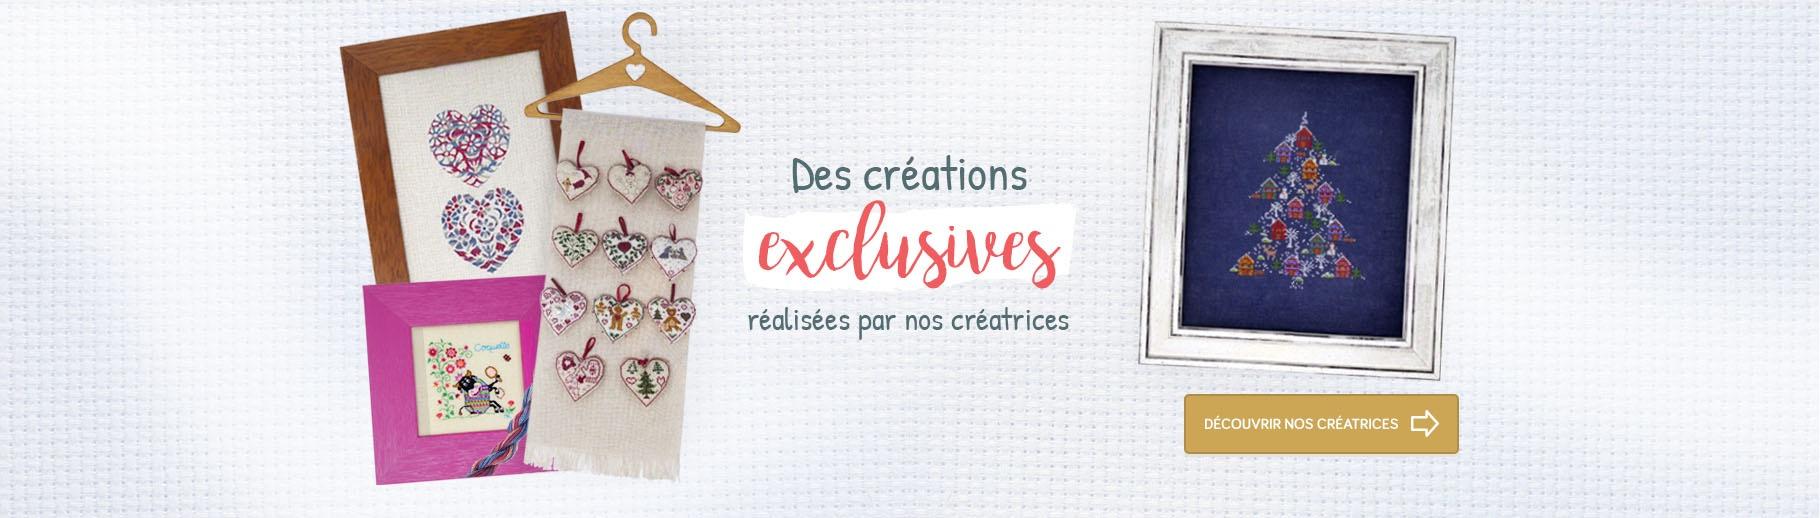 Des créations exclusives